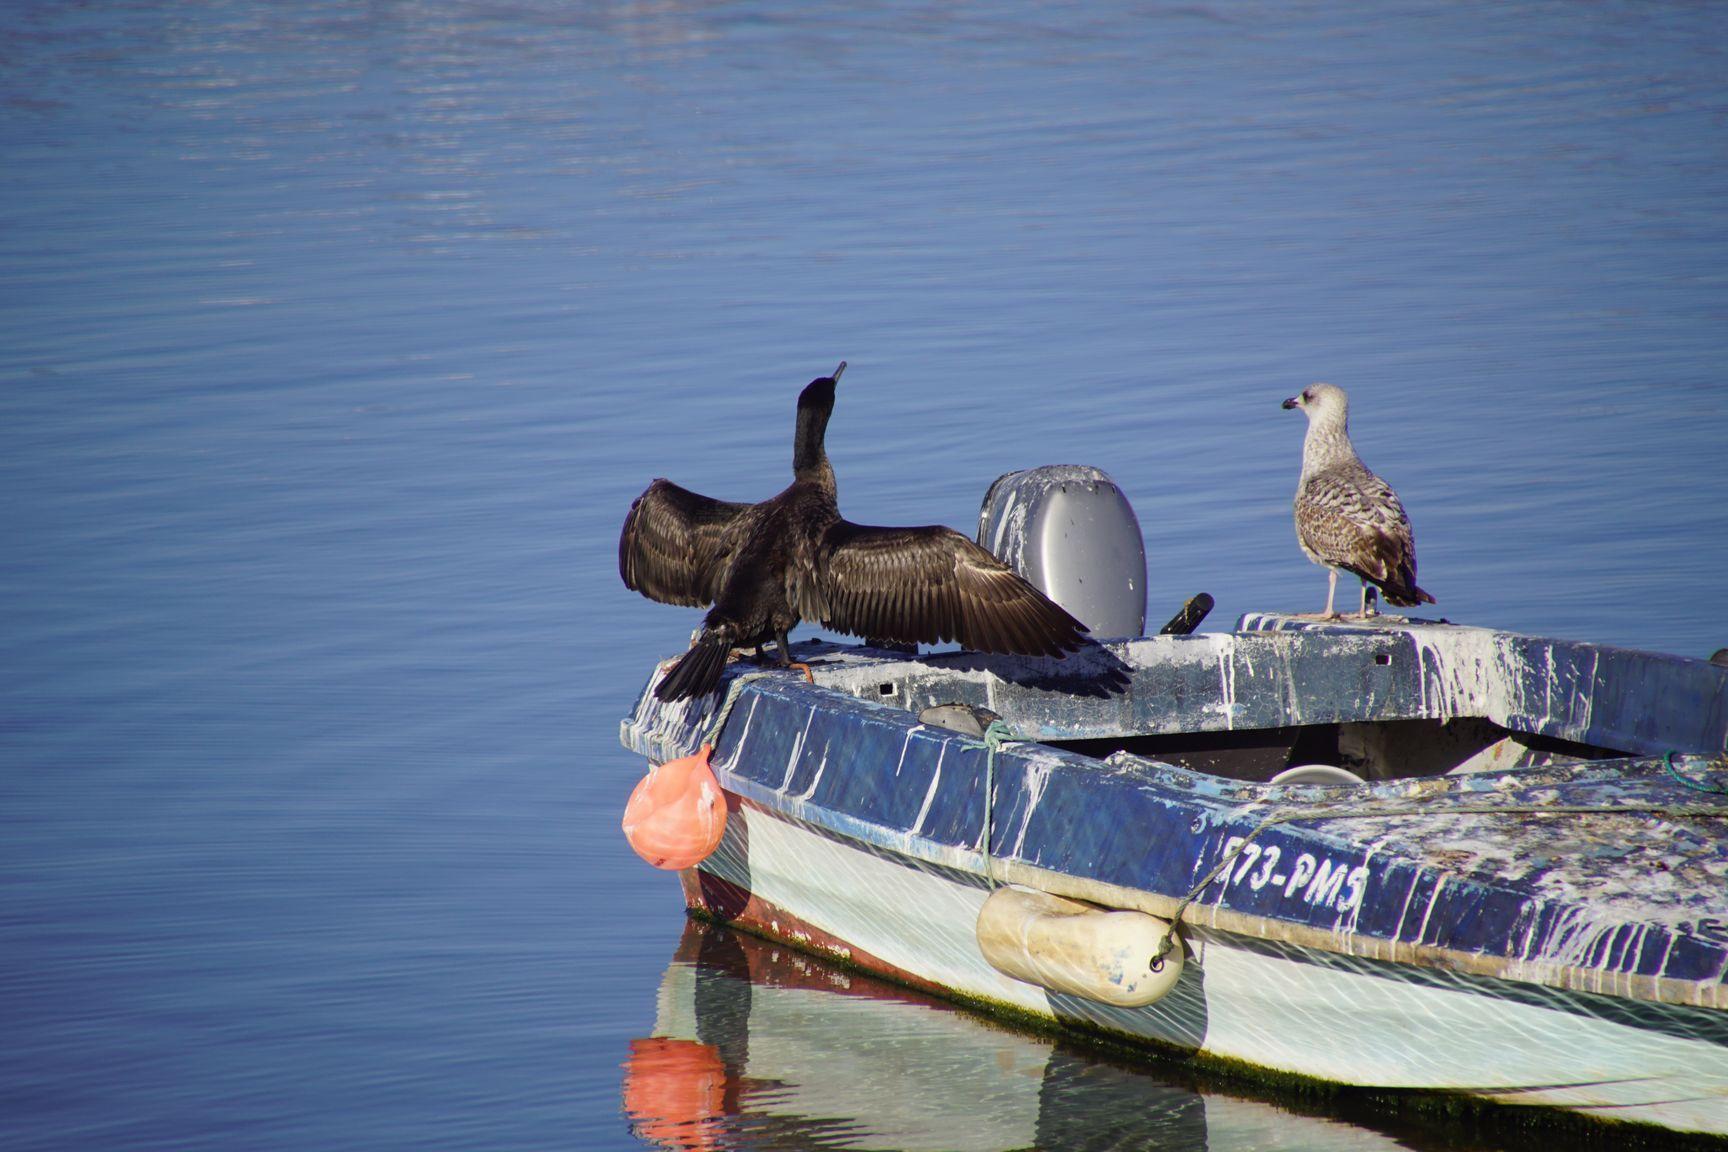 Un cormoran se sèche les ailes.... Ya du boulot de nettoyage sur le bateau